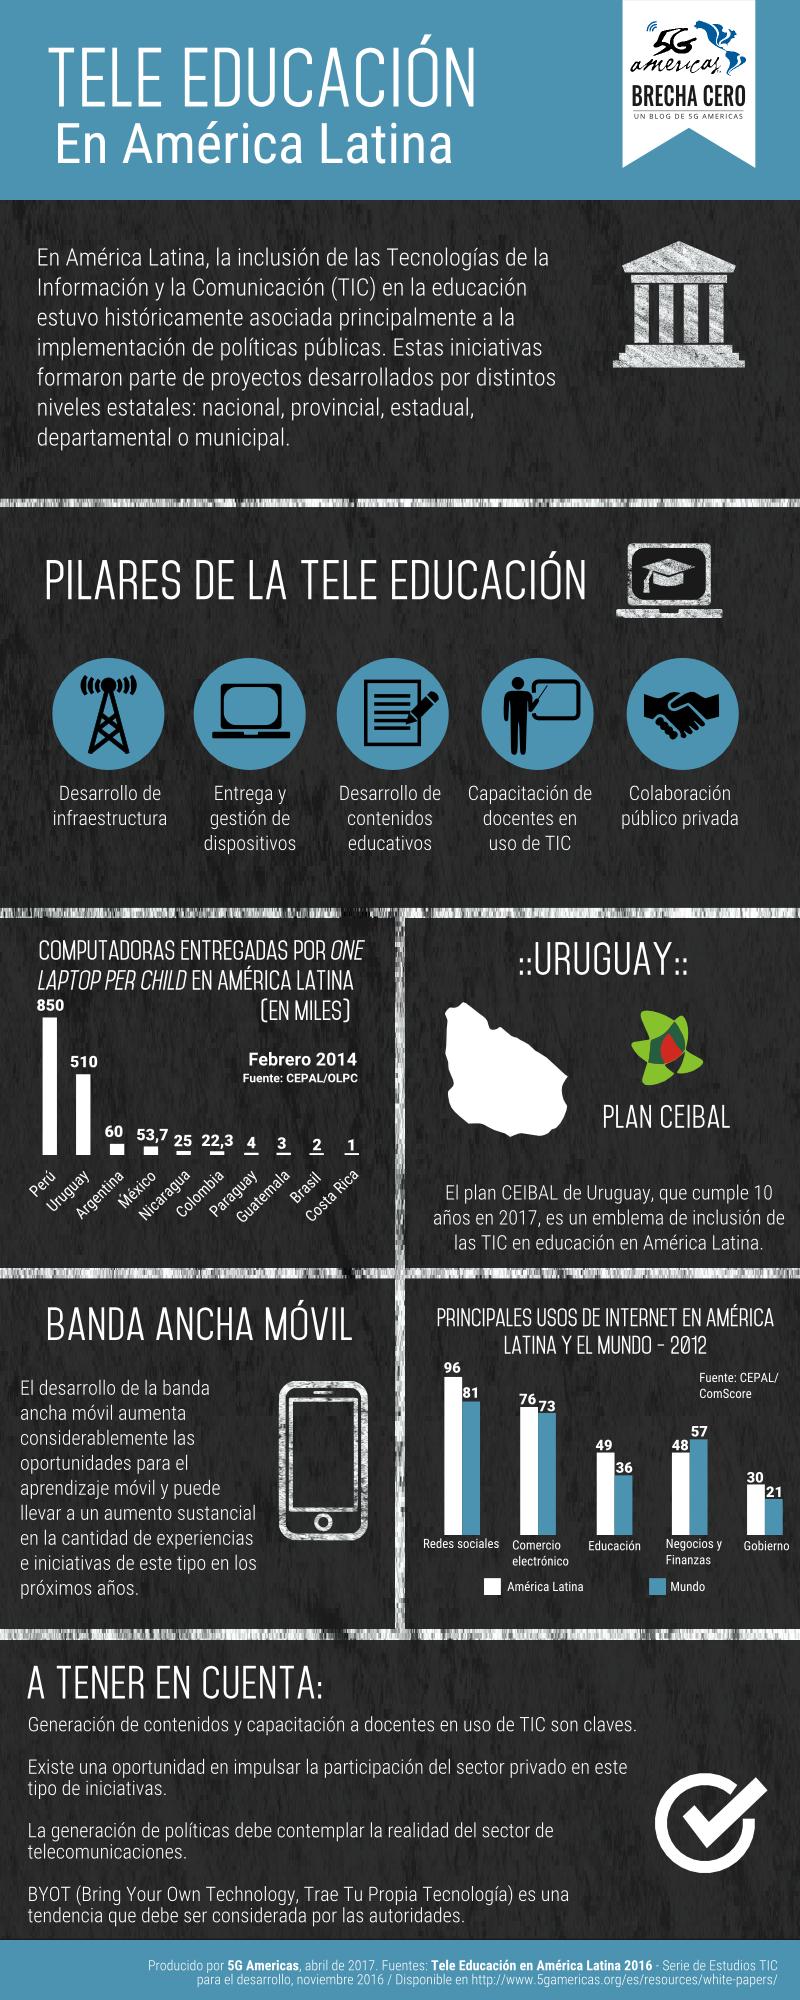 infografía tele educación 5g américas